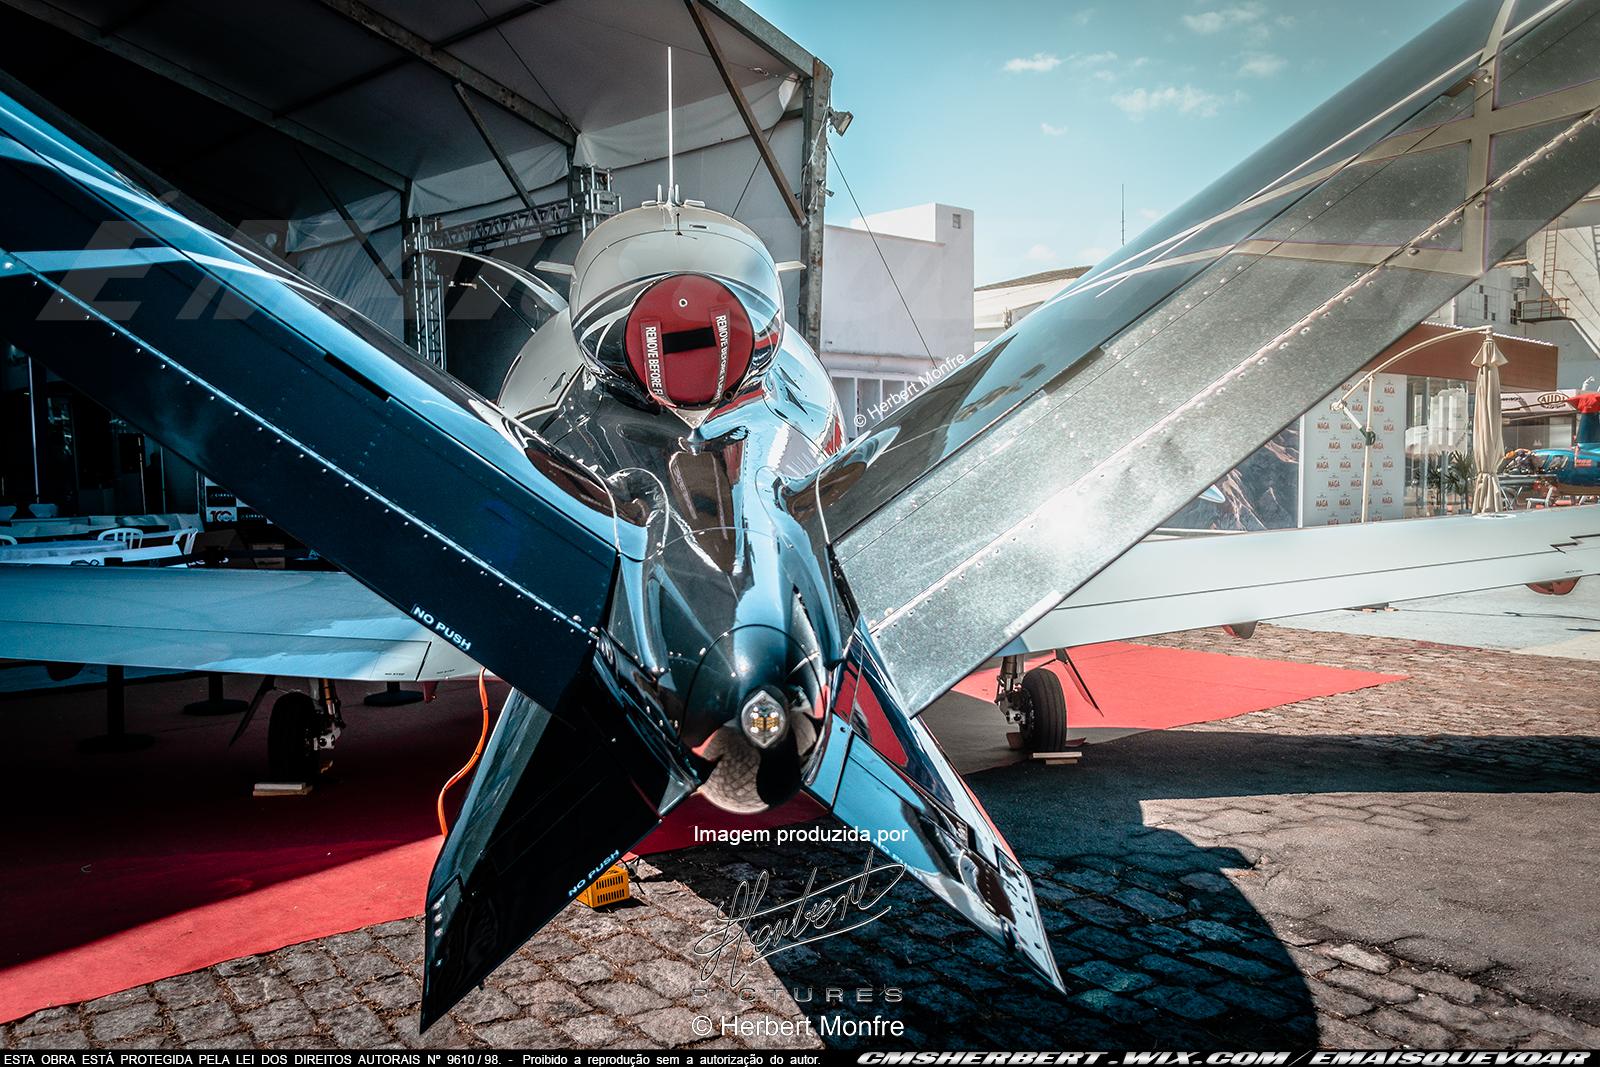 Cirrus Vision | N18C | Foto © Herbert Monfre - Contrate o fotógrafo em cmsherbert@hotmail.com | by É MAIS QUE VOAR | LABACE 2019